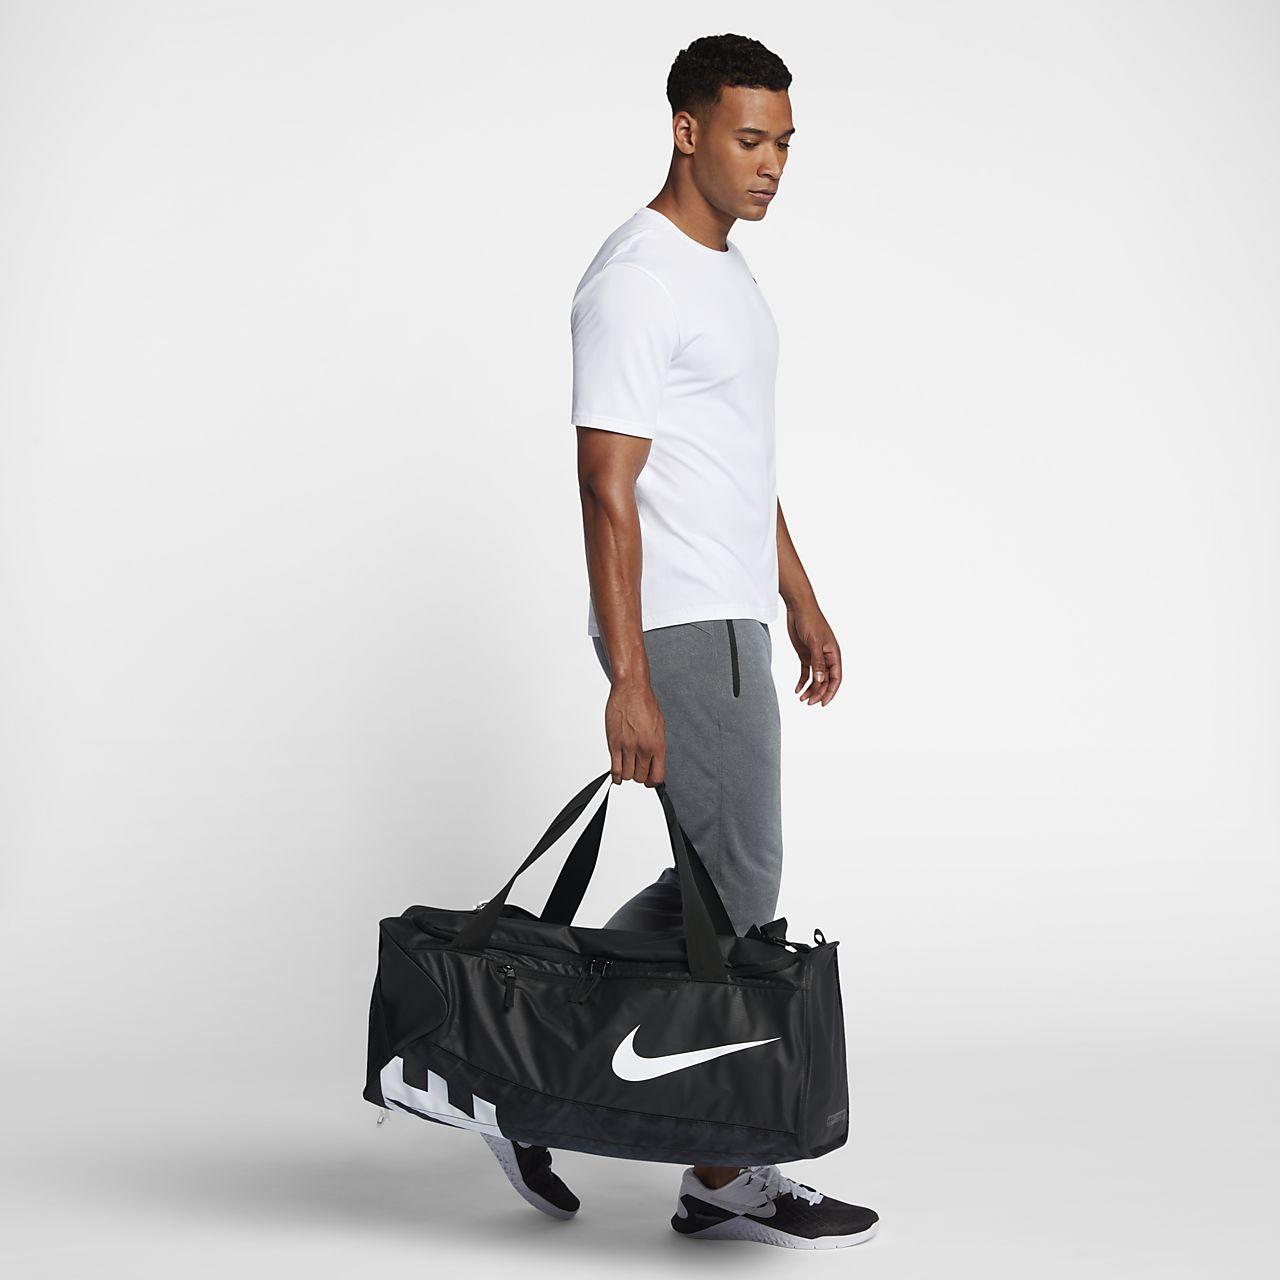 Nike Sport Bodygrande Alpha Sac TailleFr Cross Adapt De Y2EWHID9